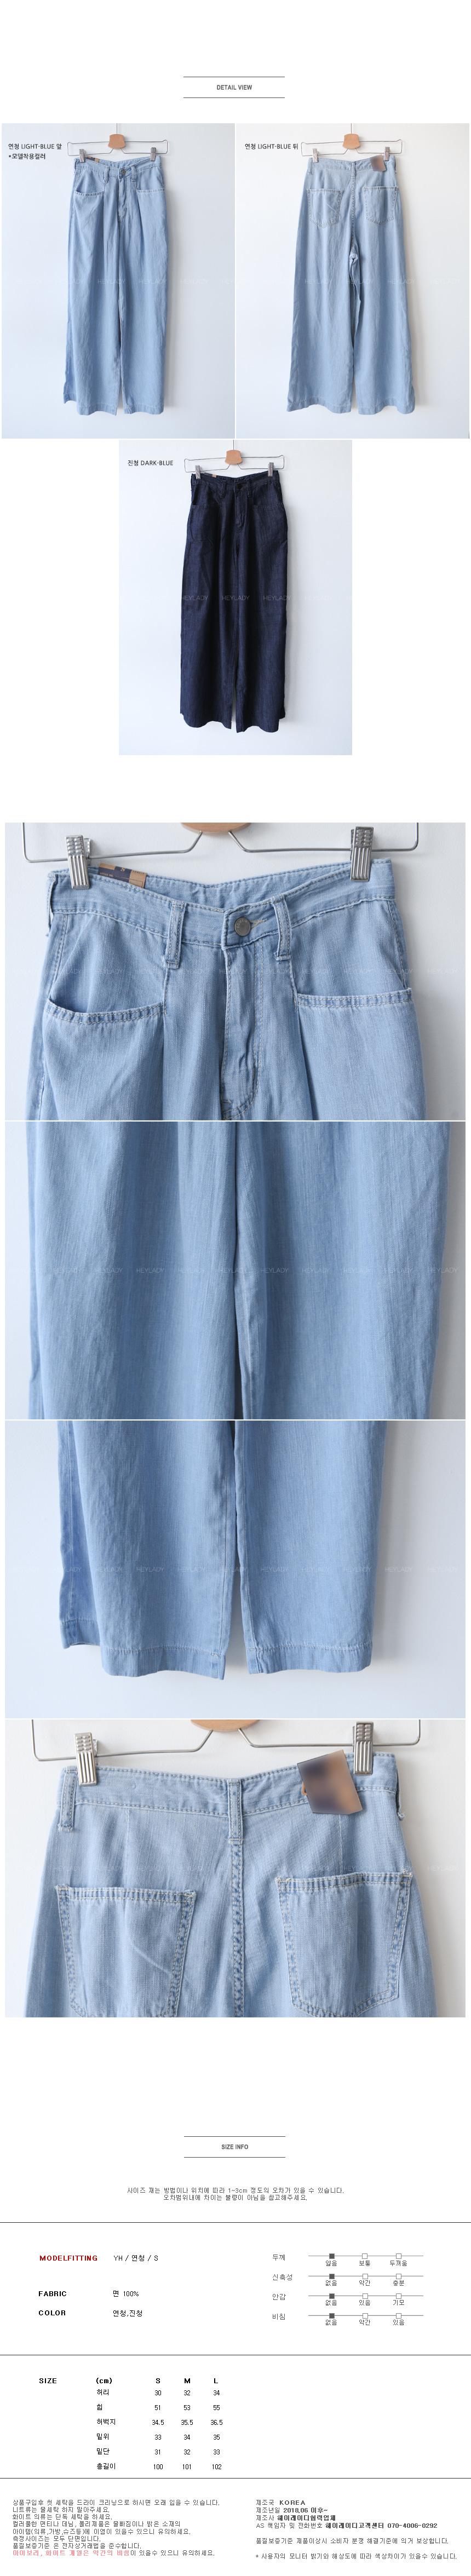 Deldian wide denim pants